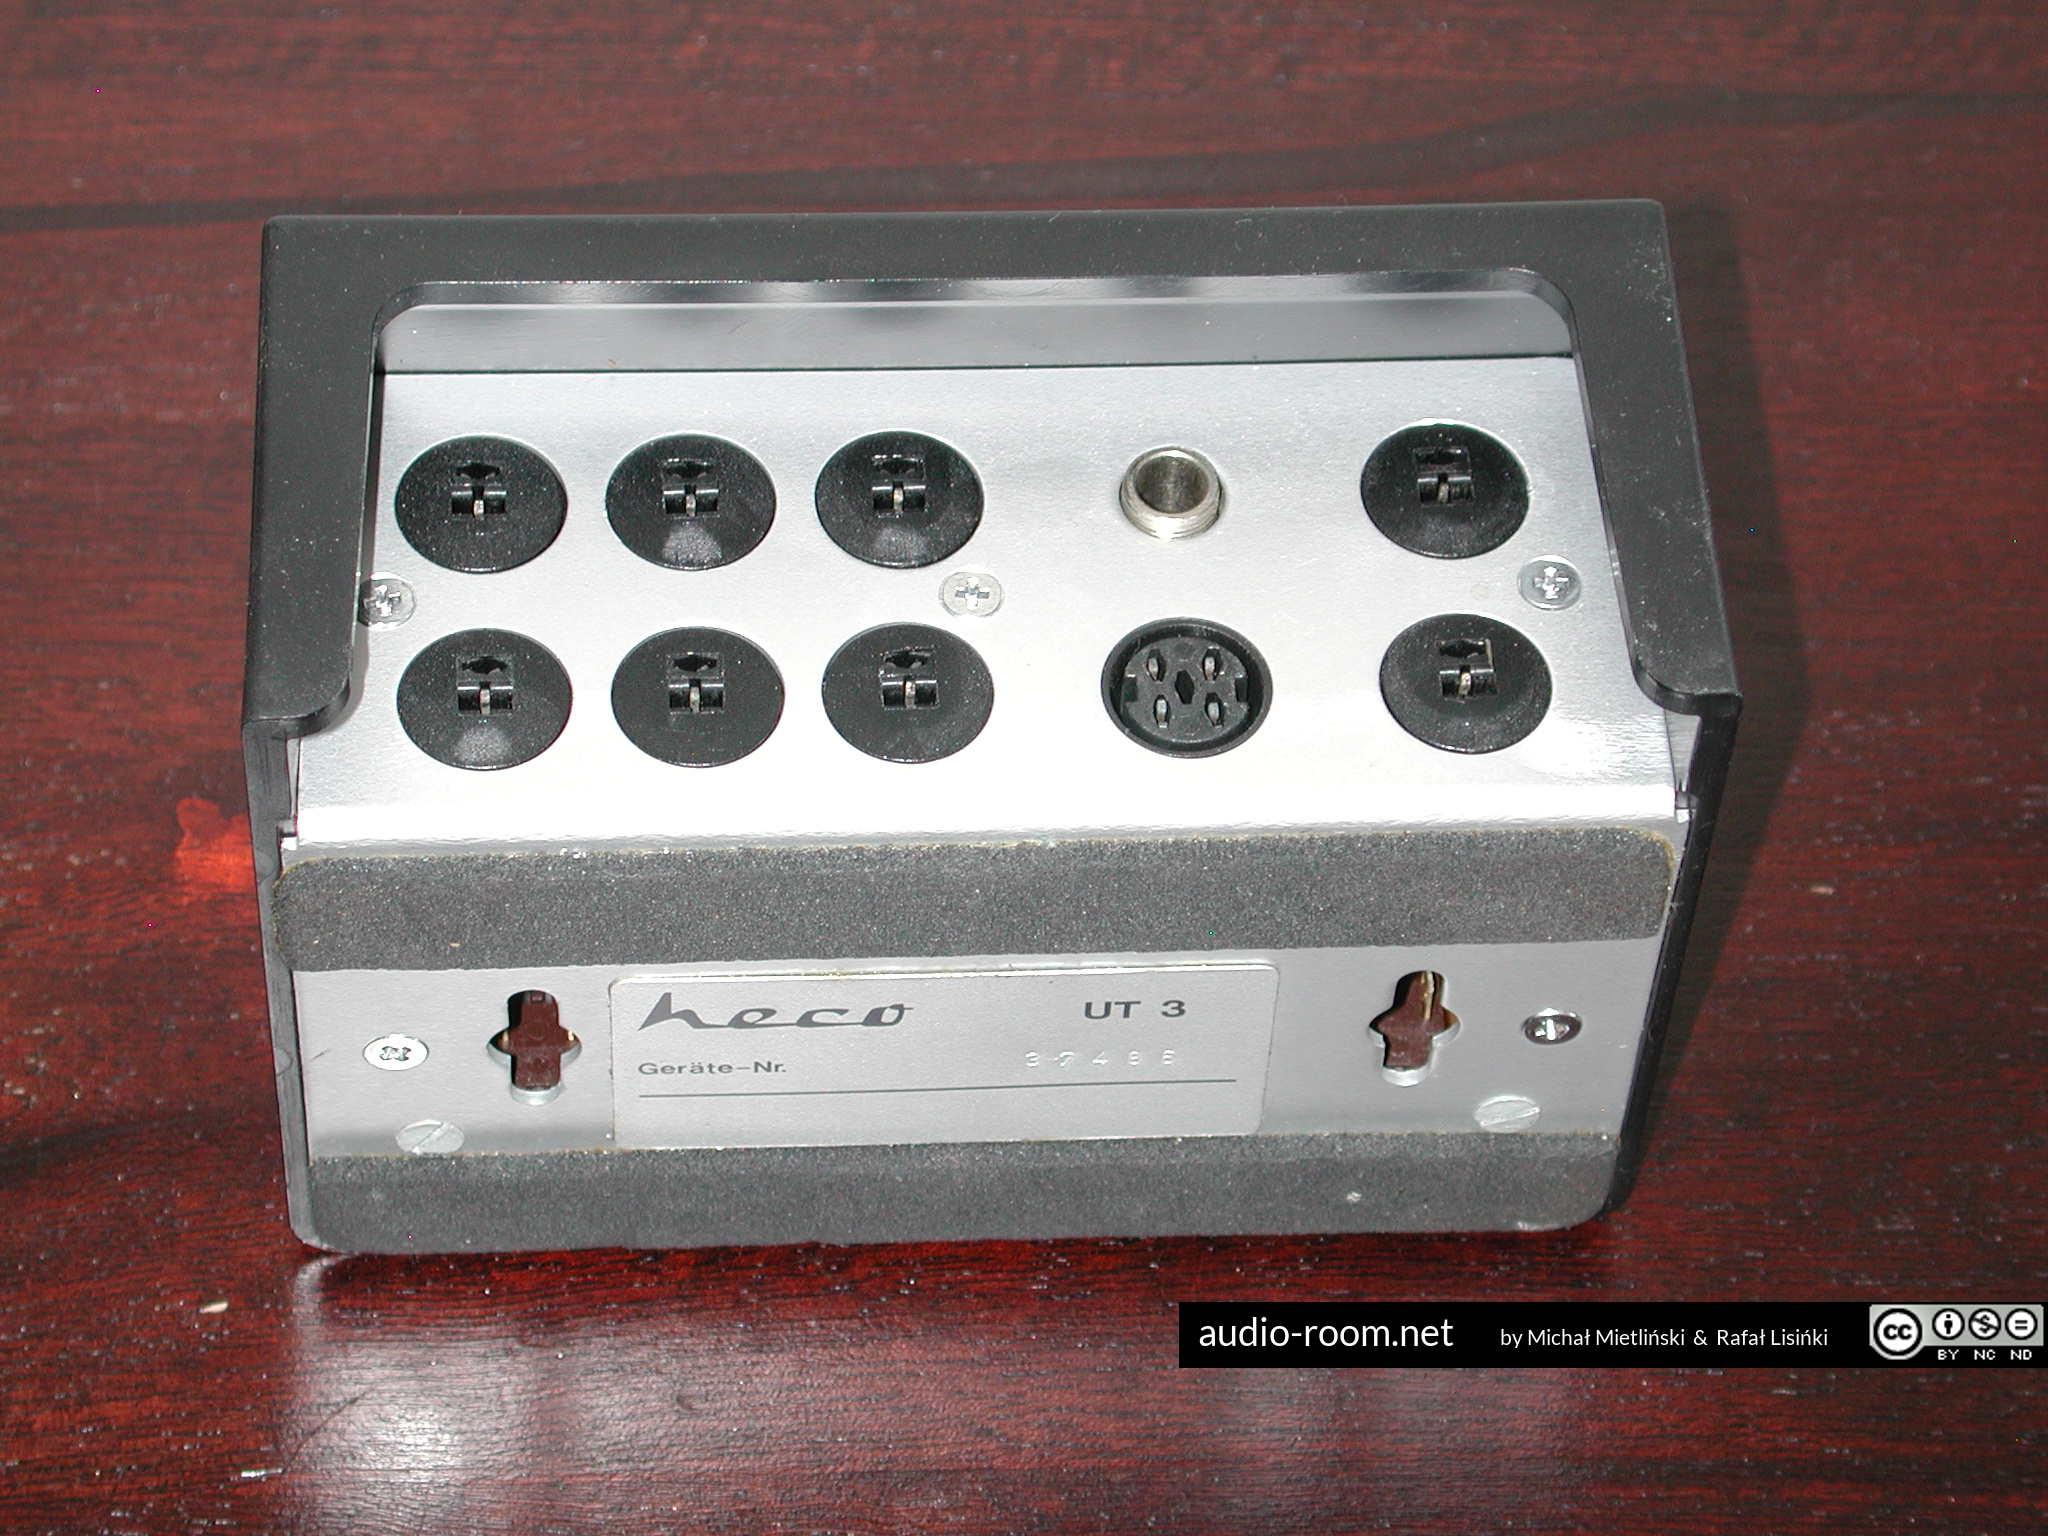 heco-ut-3-dcsn4478